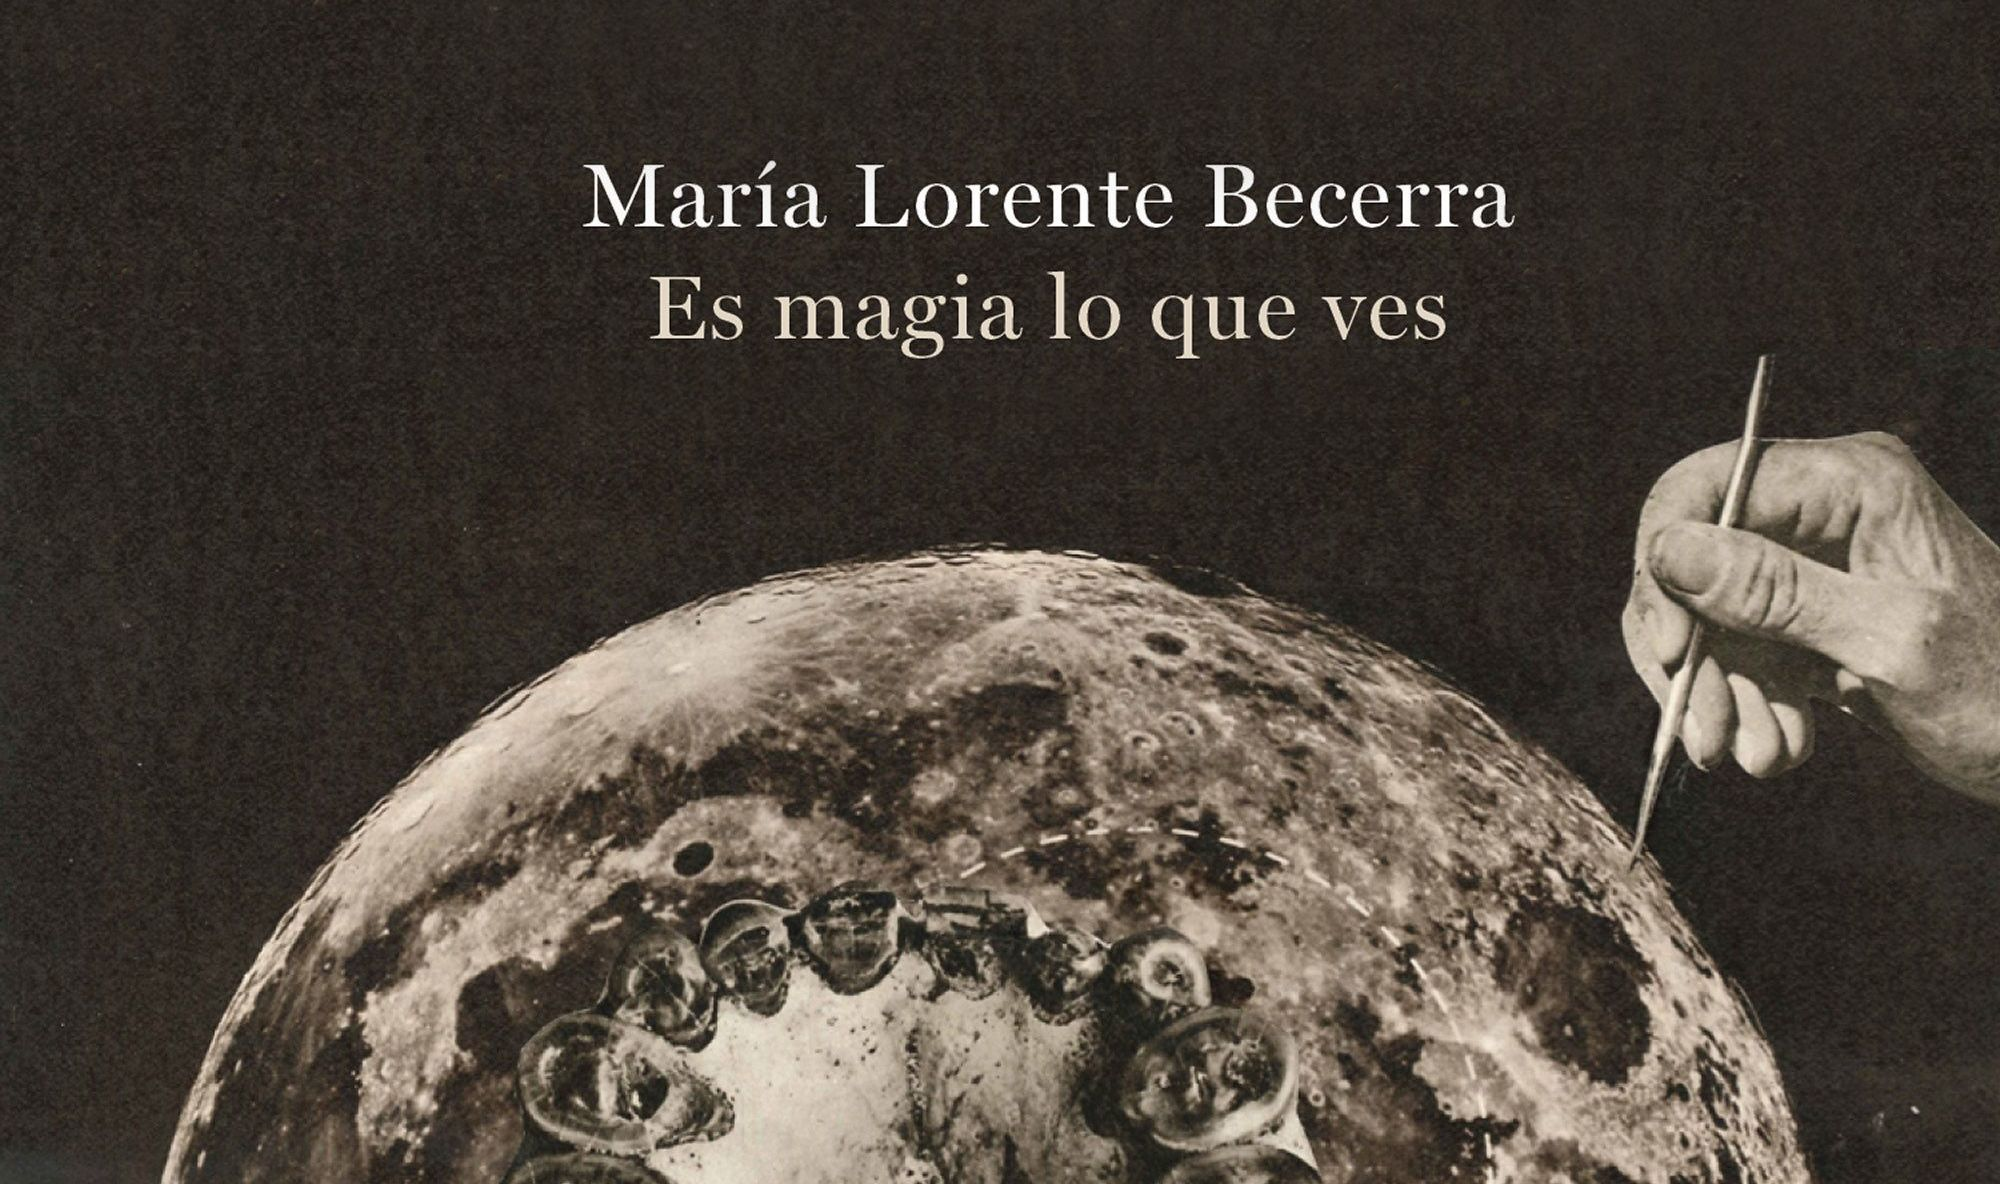 MariaLorente-es-magia-lo-que-ves.jpg